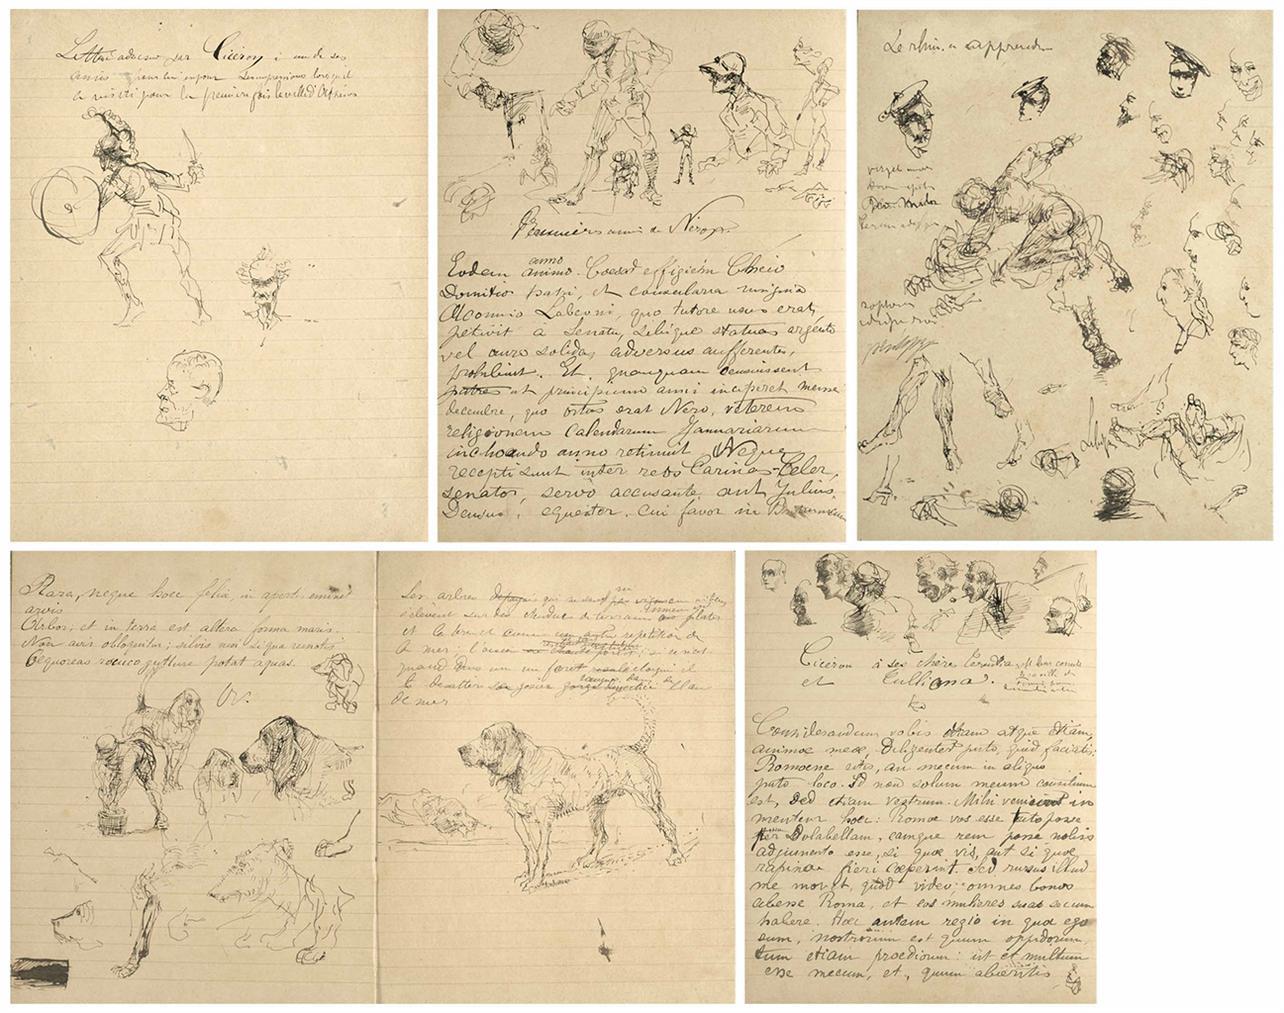 Henri de Toulouse-Lautrec-Cahier De Classe Illustre-1880